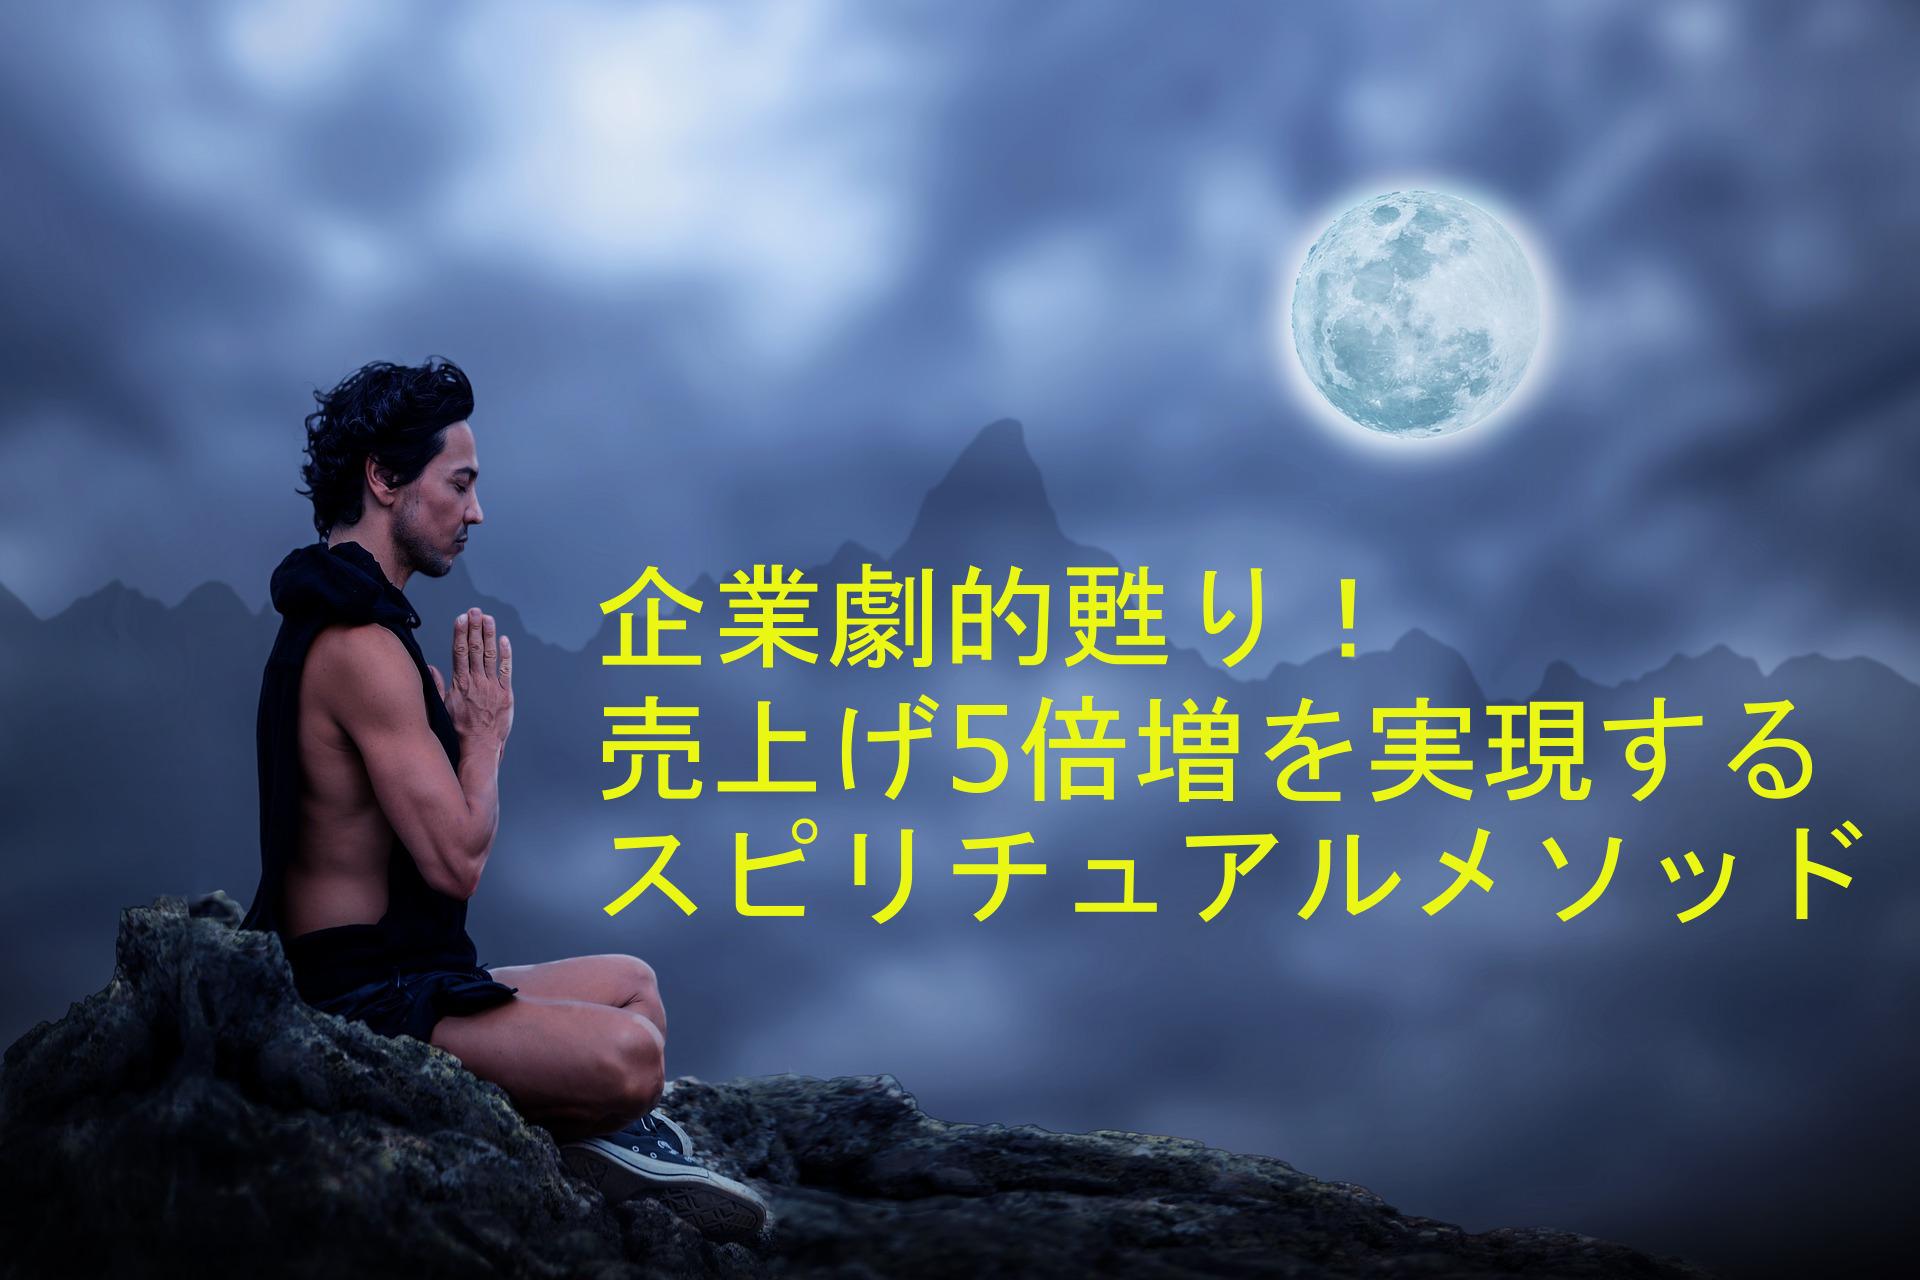 ■中本企画のスピリチュアル系経営コンサルティングコンテンツ ご案内サイト